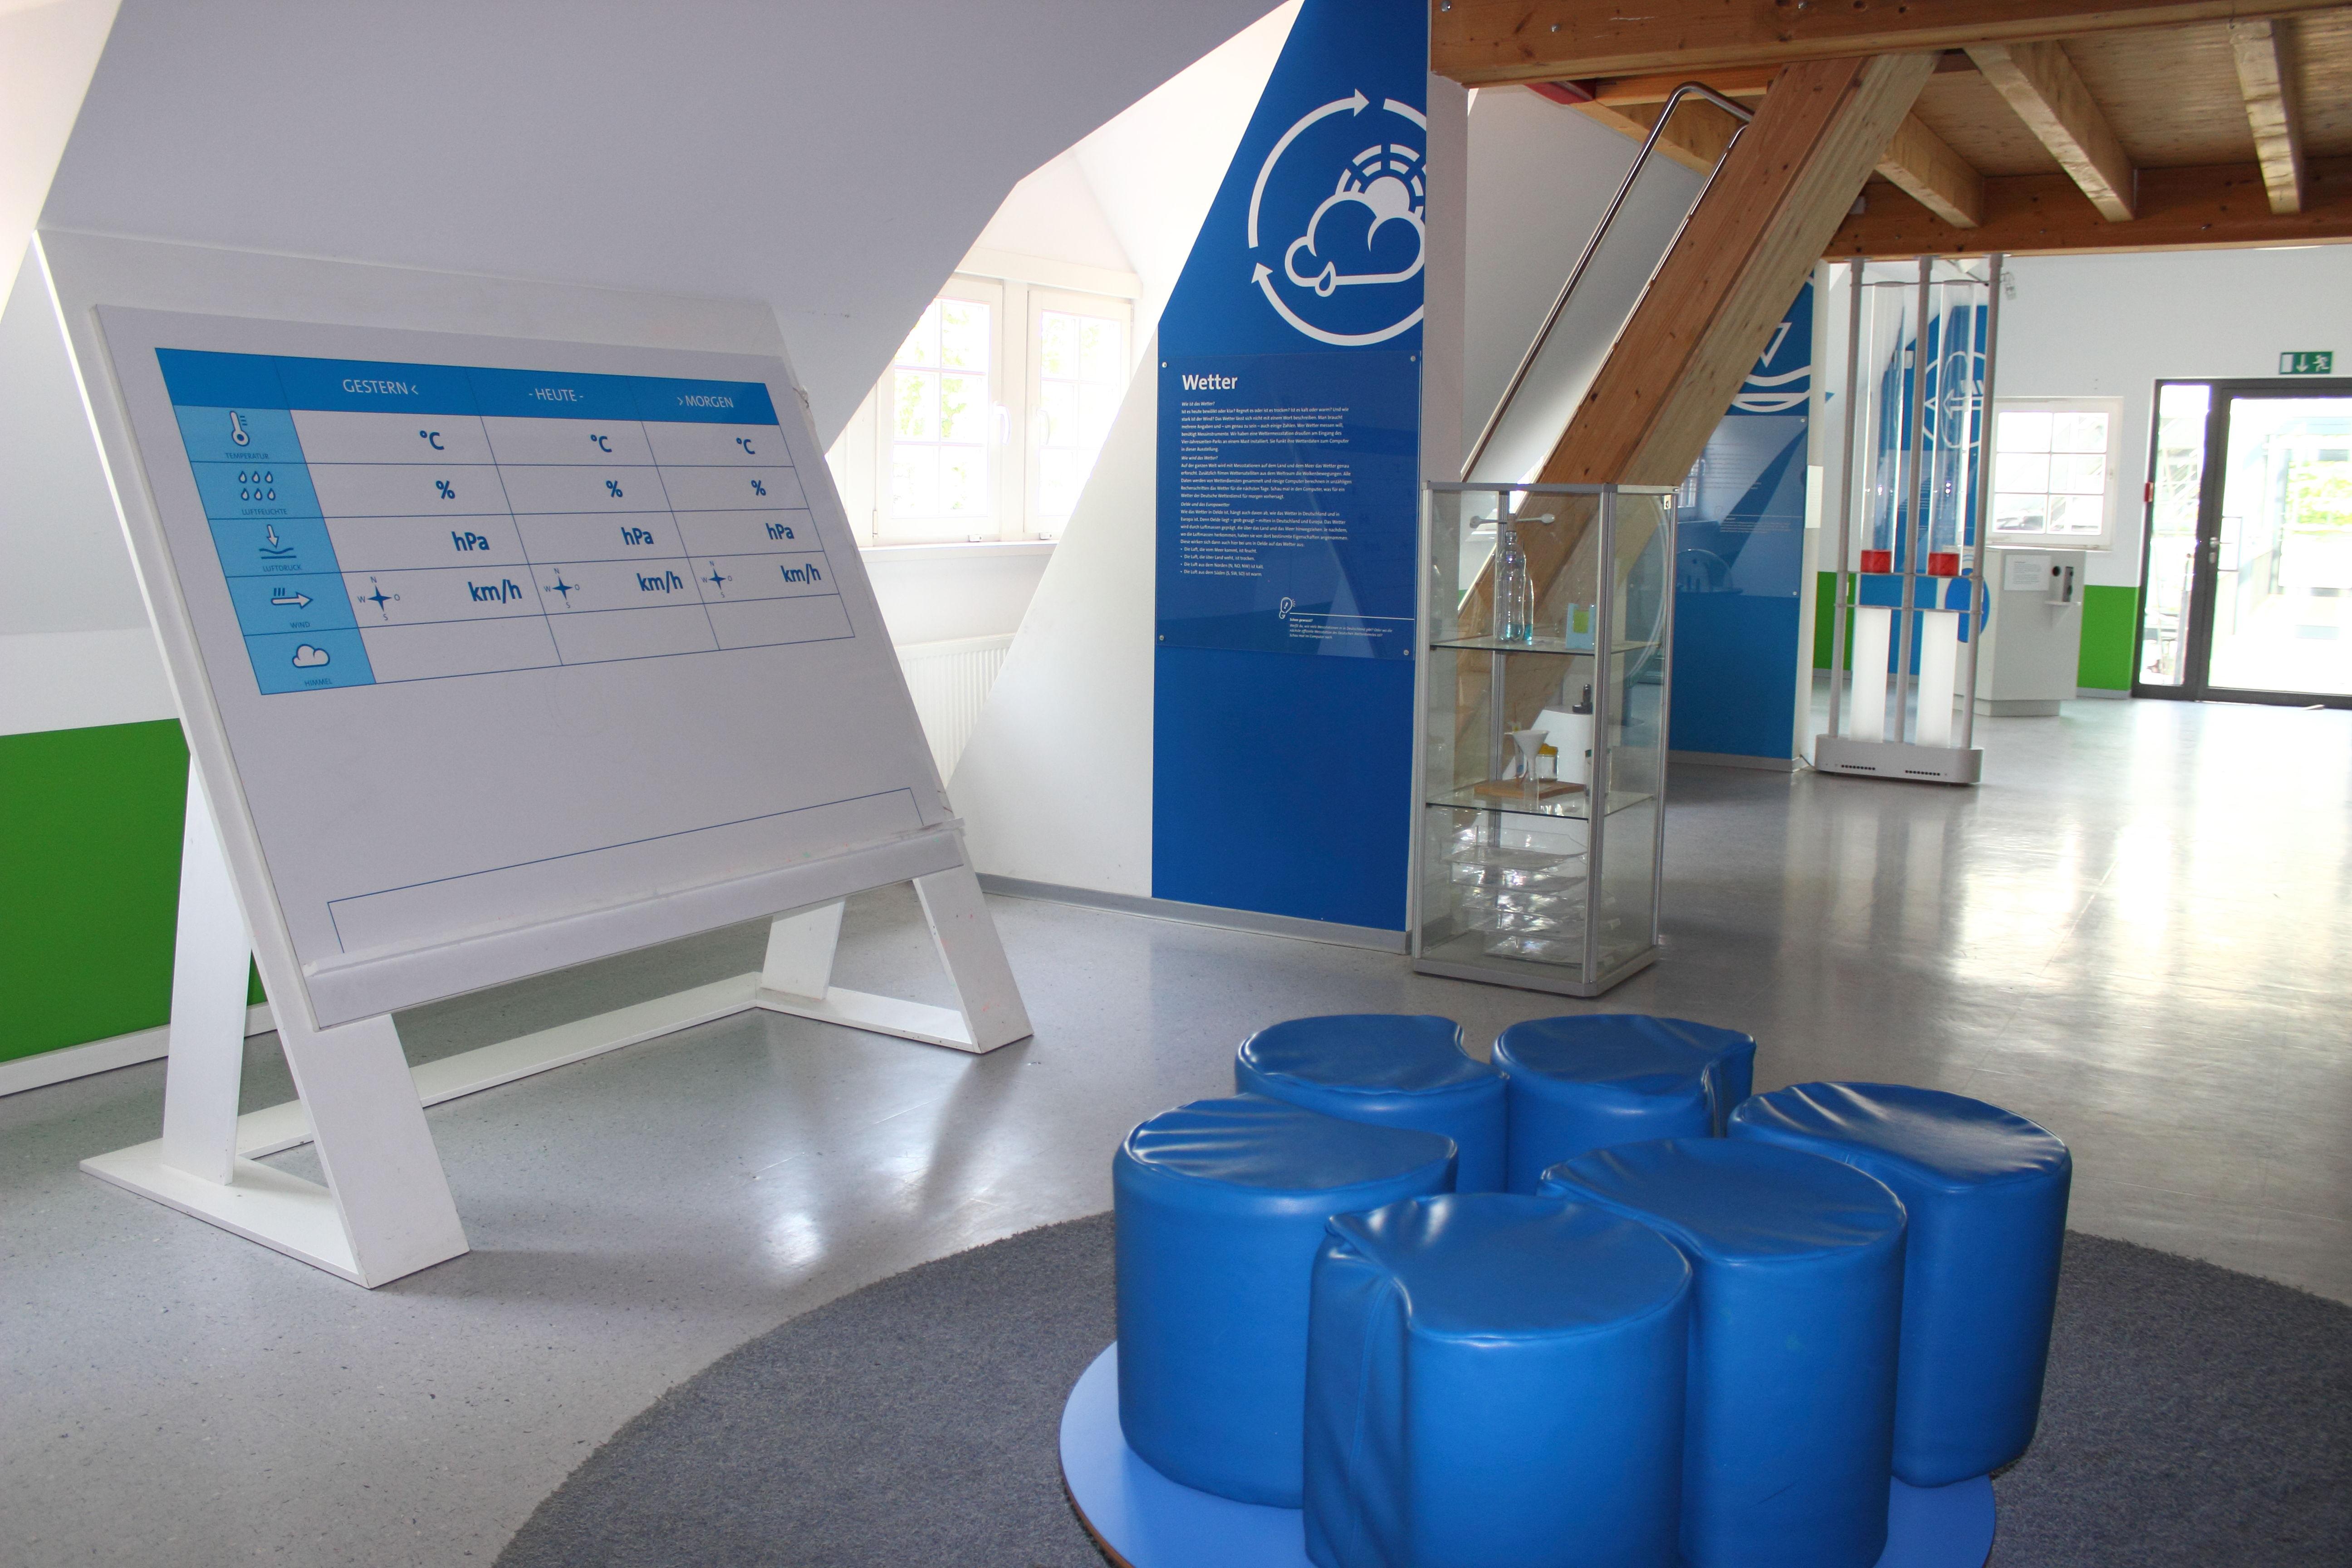 Vier Jahreszeiten Park Oelde Museum Wetter